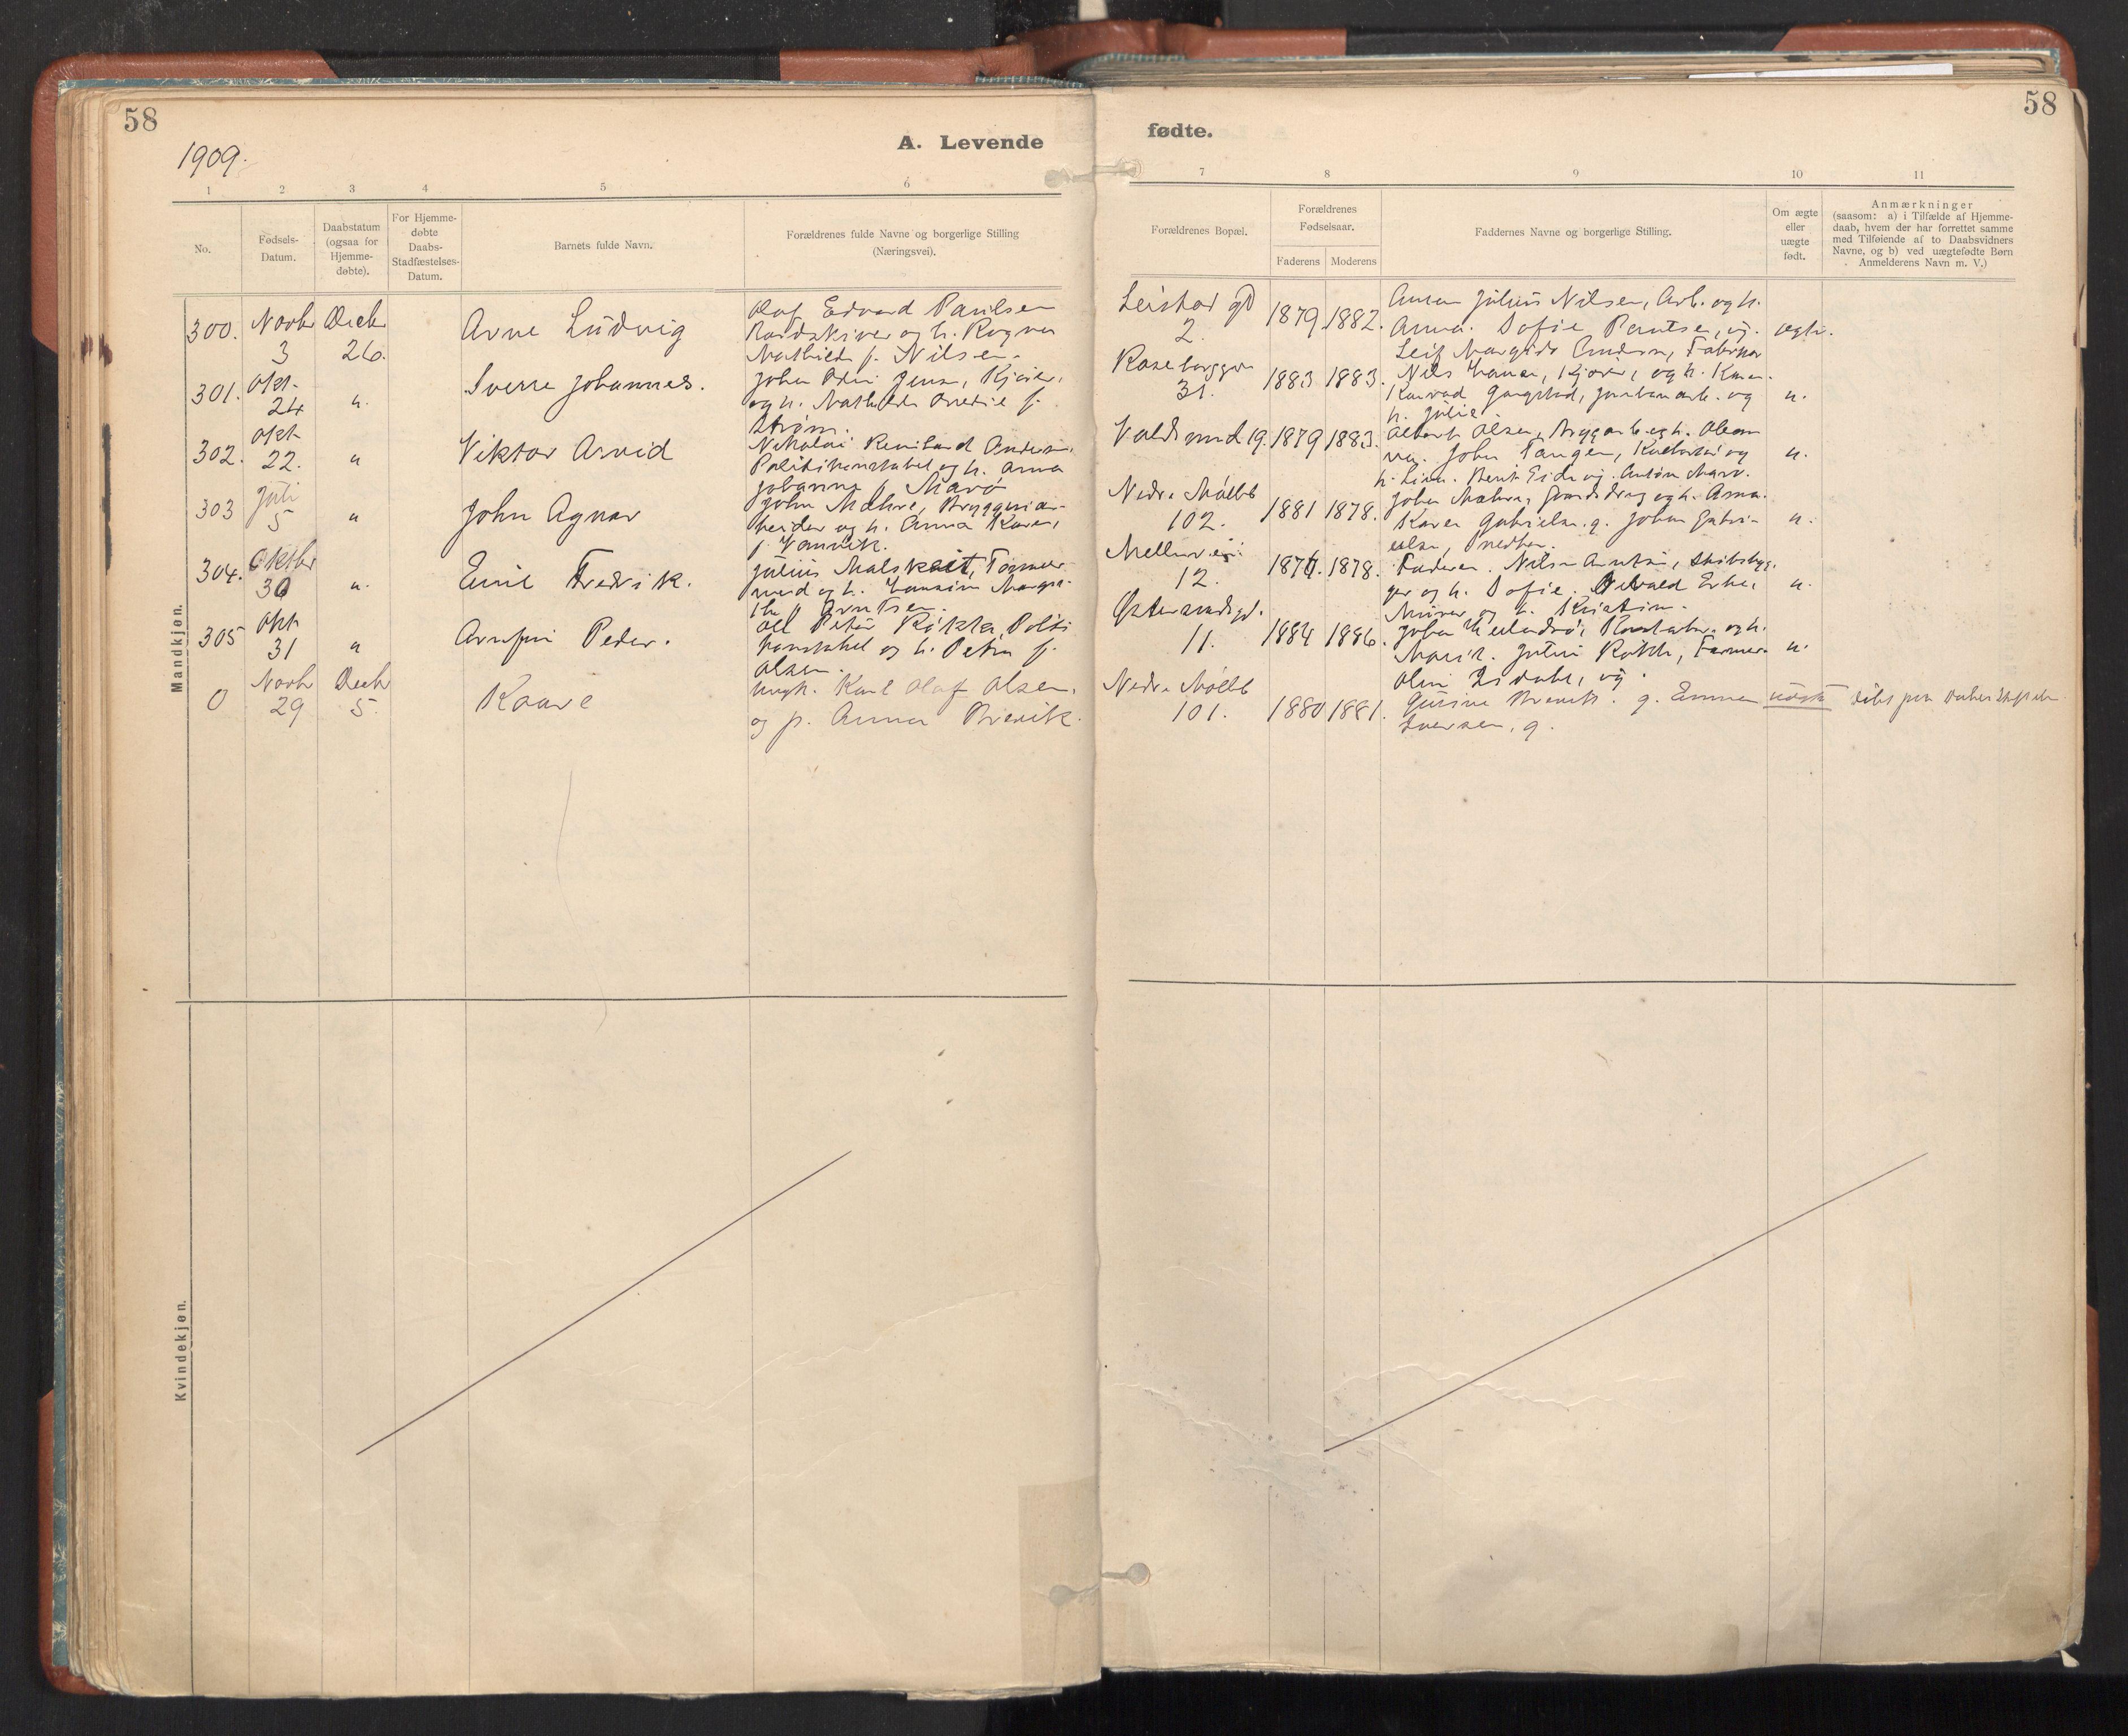 SAT, Ministerialprotokoller, klokkerbøker og fødselsregistre - Sør-Trøndelag, 605/L0243: Ministerialbok nr. 605A05, 1908-1923, s. 58